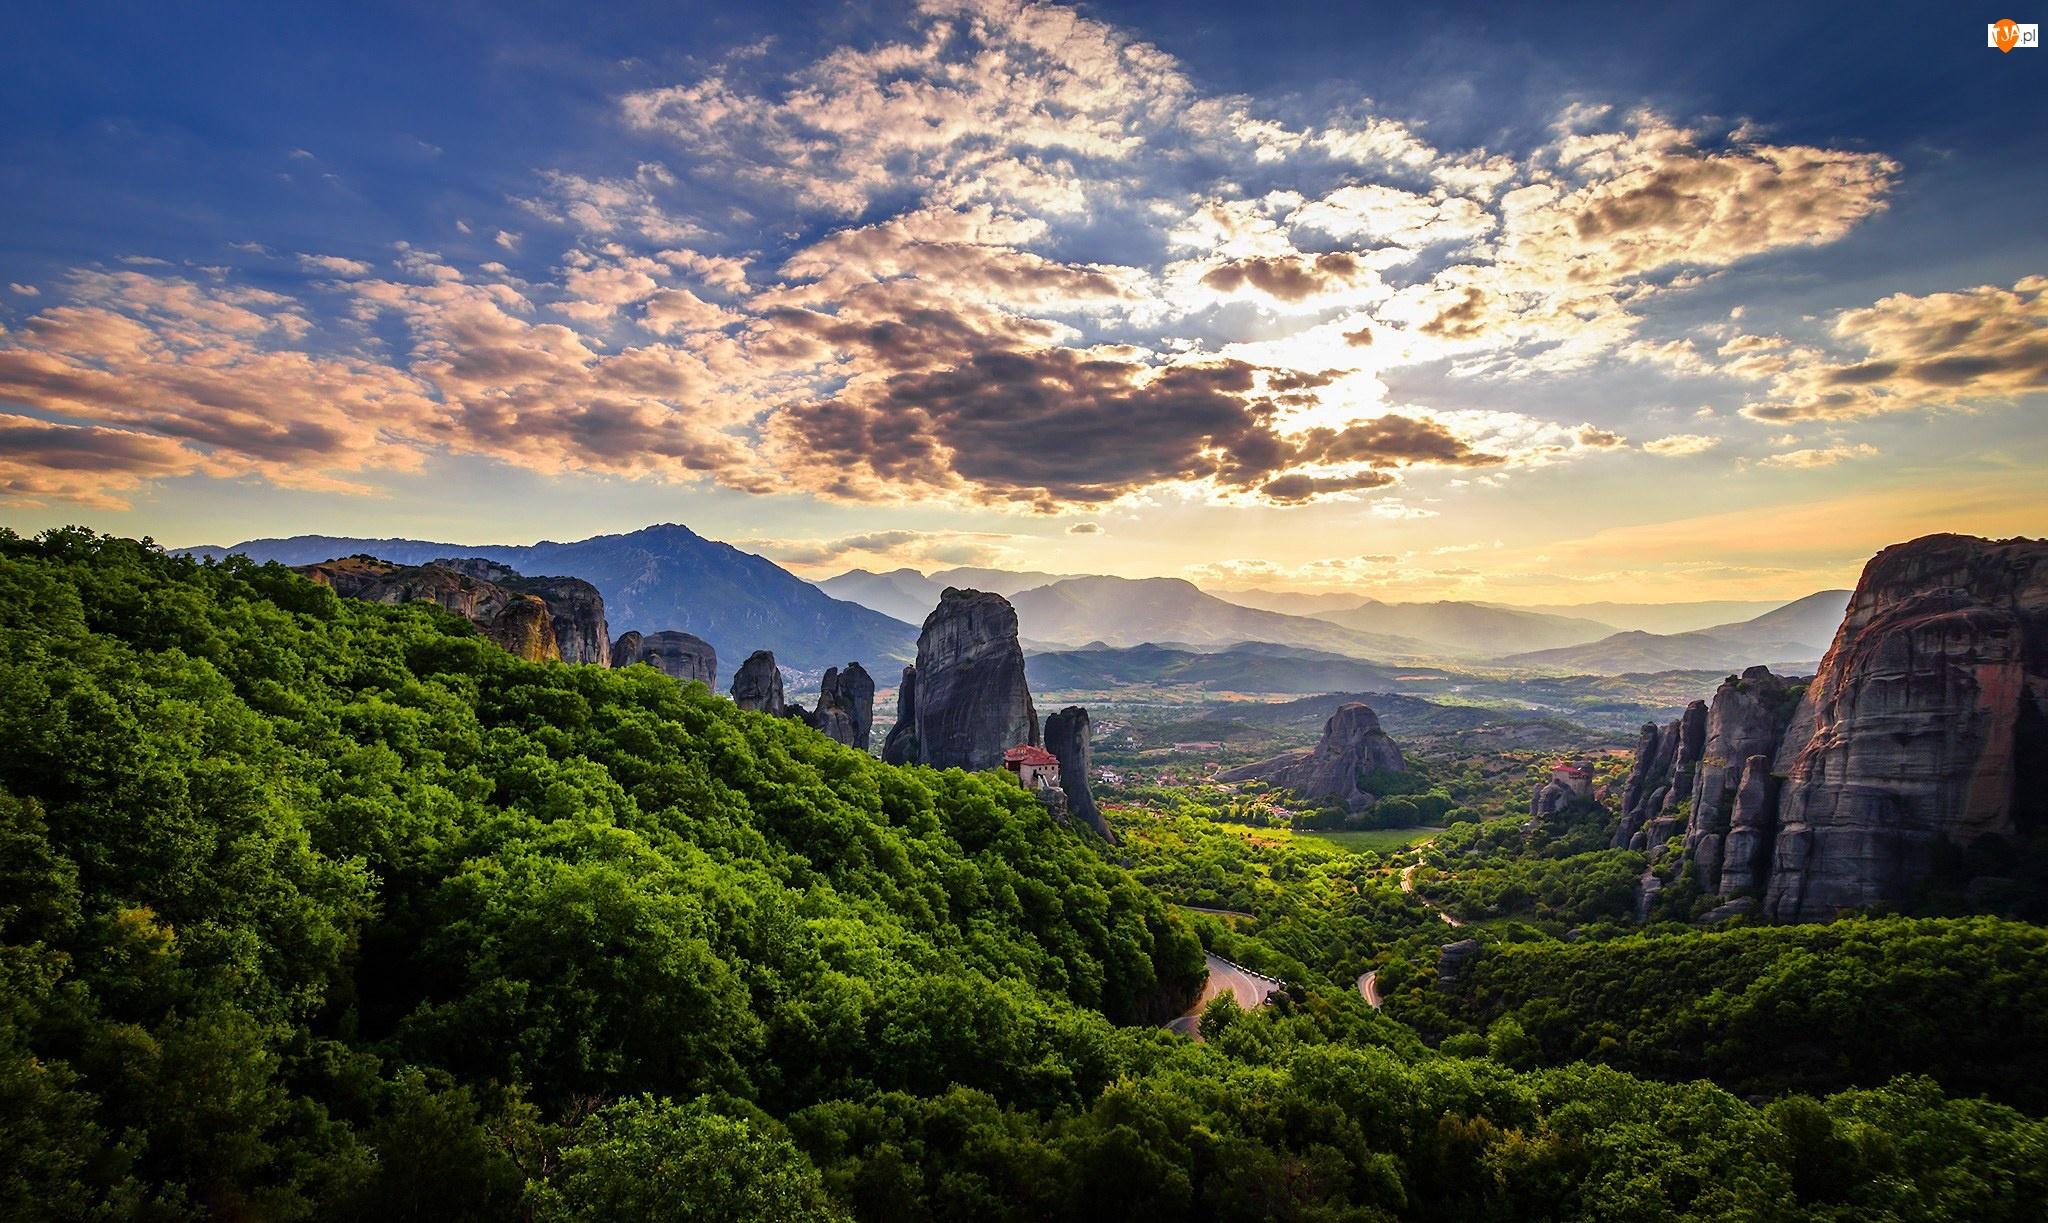 Klasztory, Grecja, Tesalia, Droga, Masyw Meteory, Równina Tesalska, Drzewa, Skały